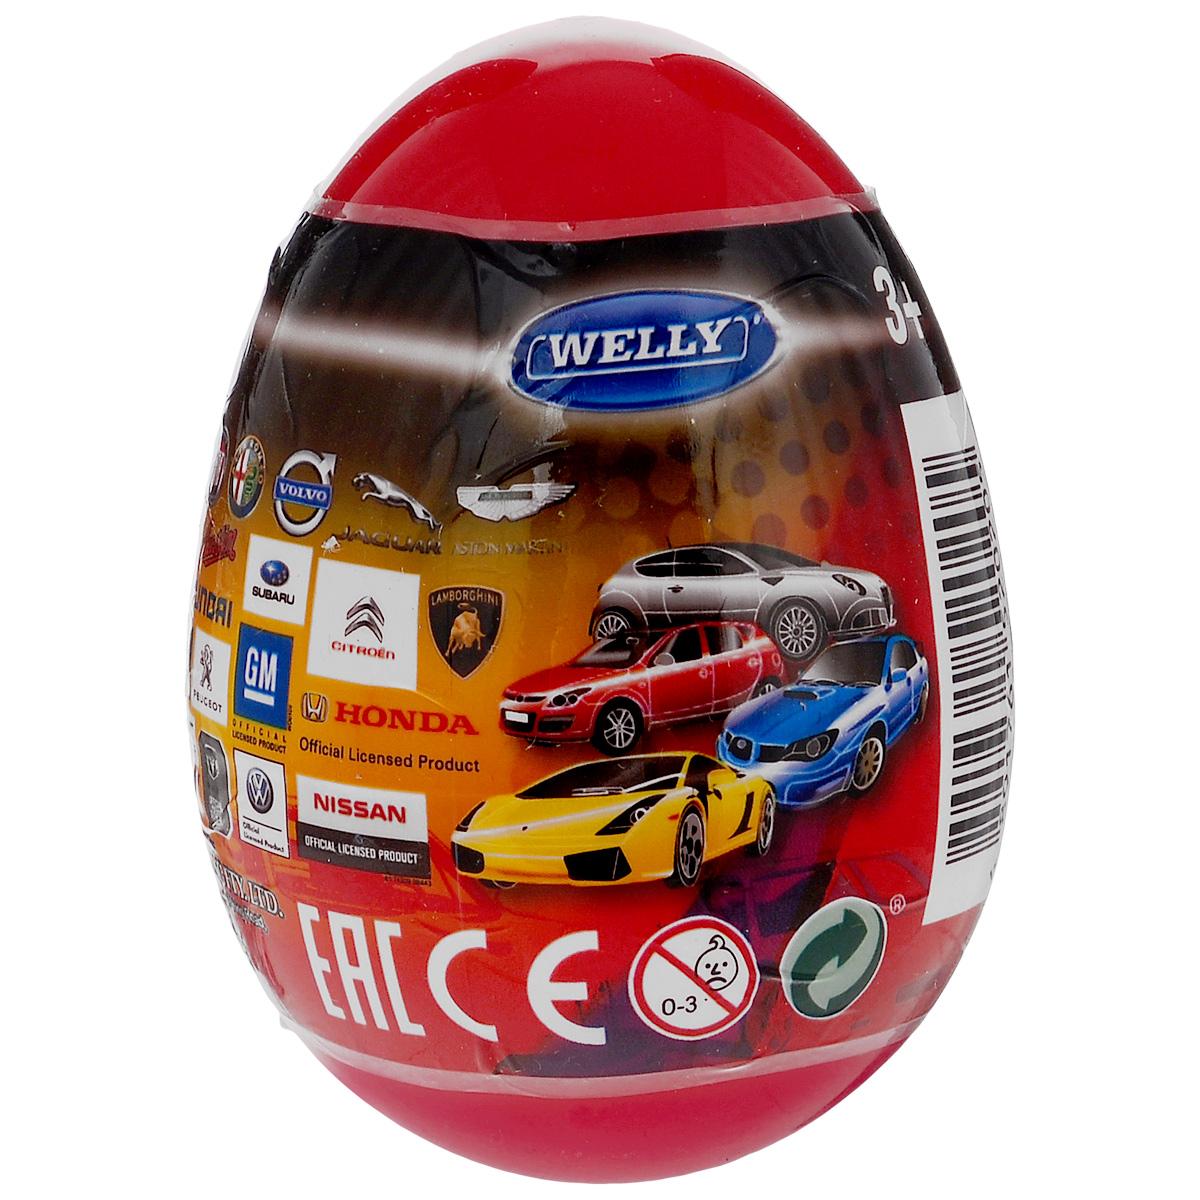 Welly Яйцо-сюрприз с машинкой цвет темно-красный машинки welly в яйце сюрпризе в ассортименте